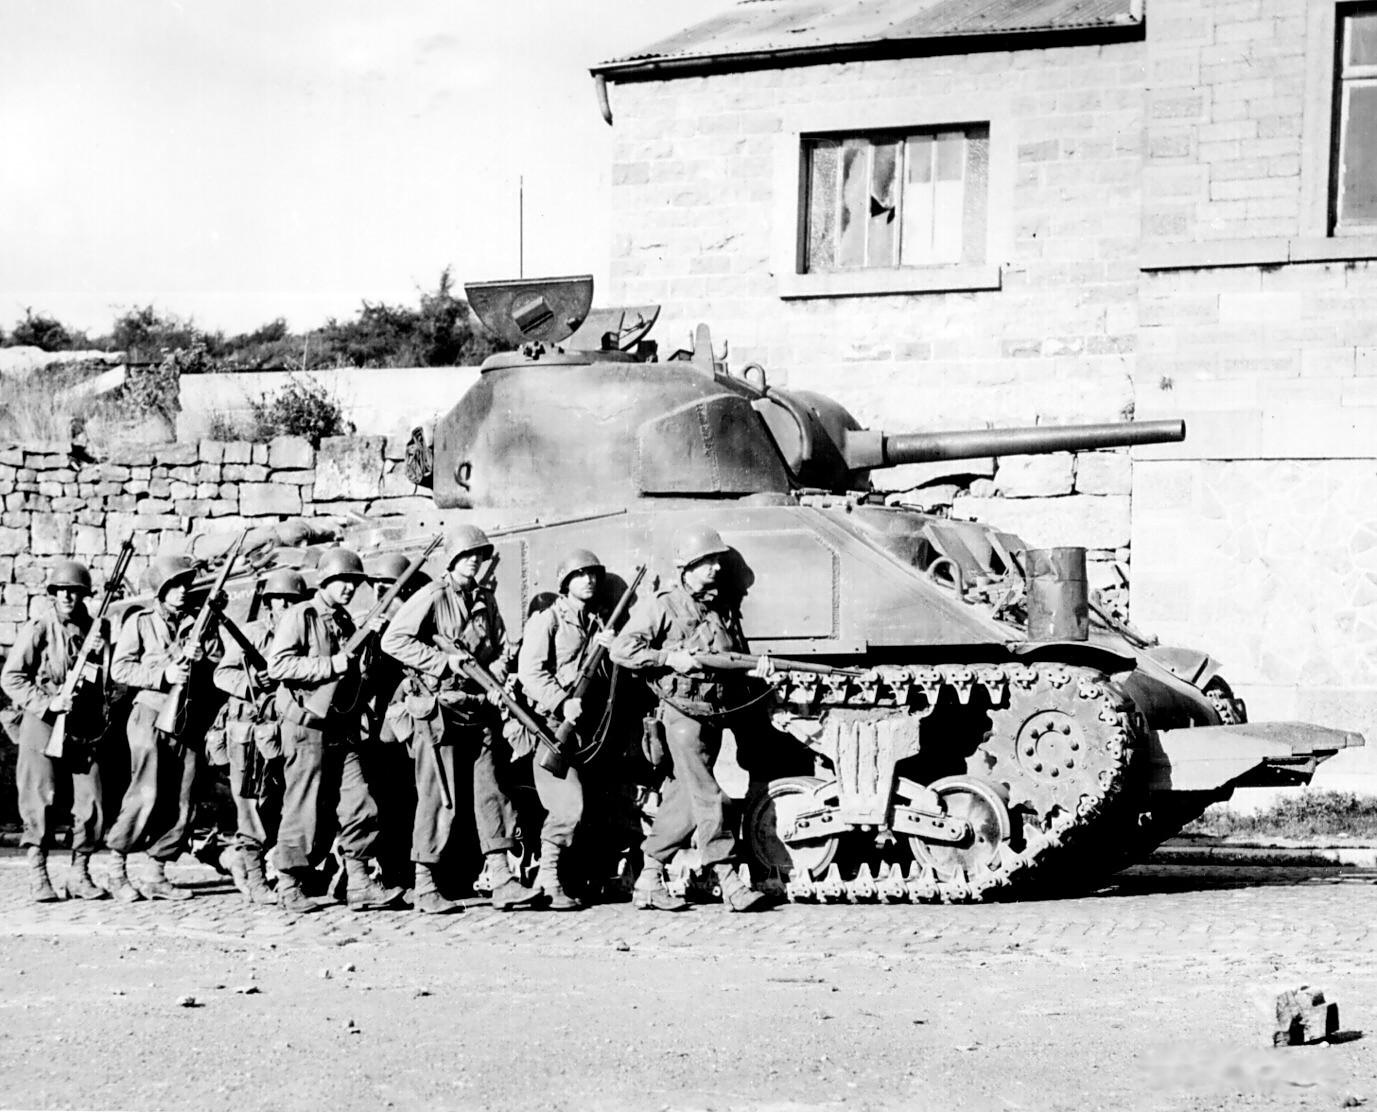 tanks in world war